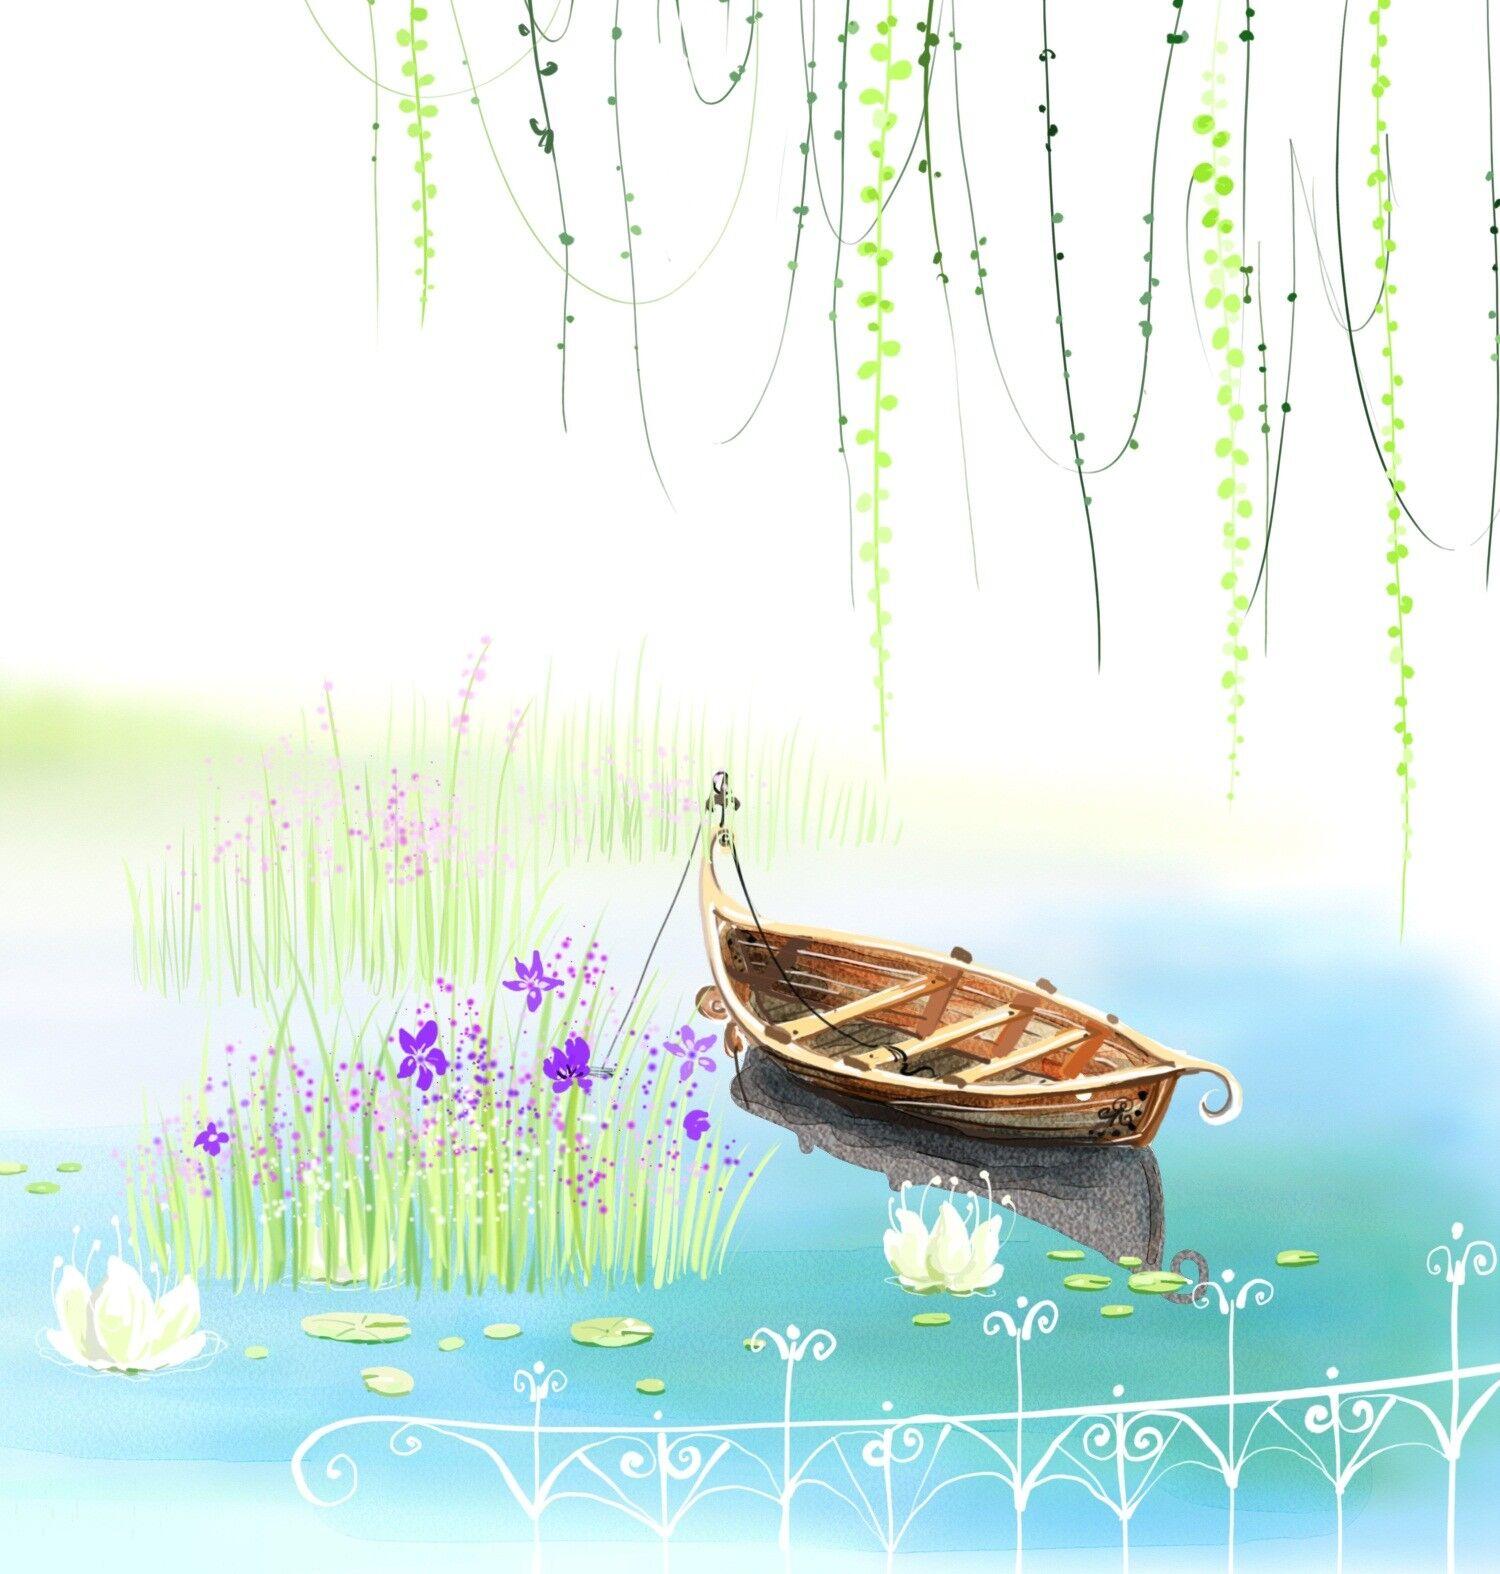 3D Märchen Fluss SegelStiefel 9073 Tapete Wandgemälde Tapeten Bild Familie Familie Familie DE Jenny | Vielfalt  | Verschiedene Stile  | Um Zuerst Unter ähnlichen Produkten Rang  4873d7